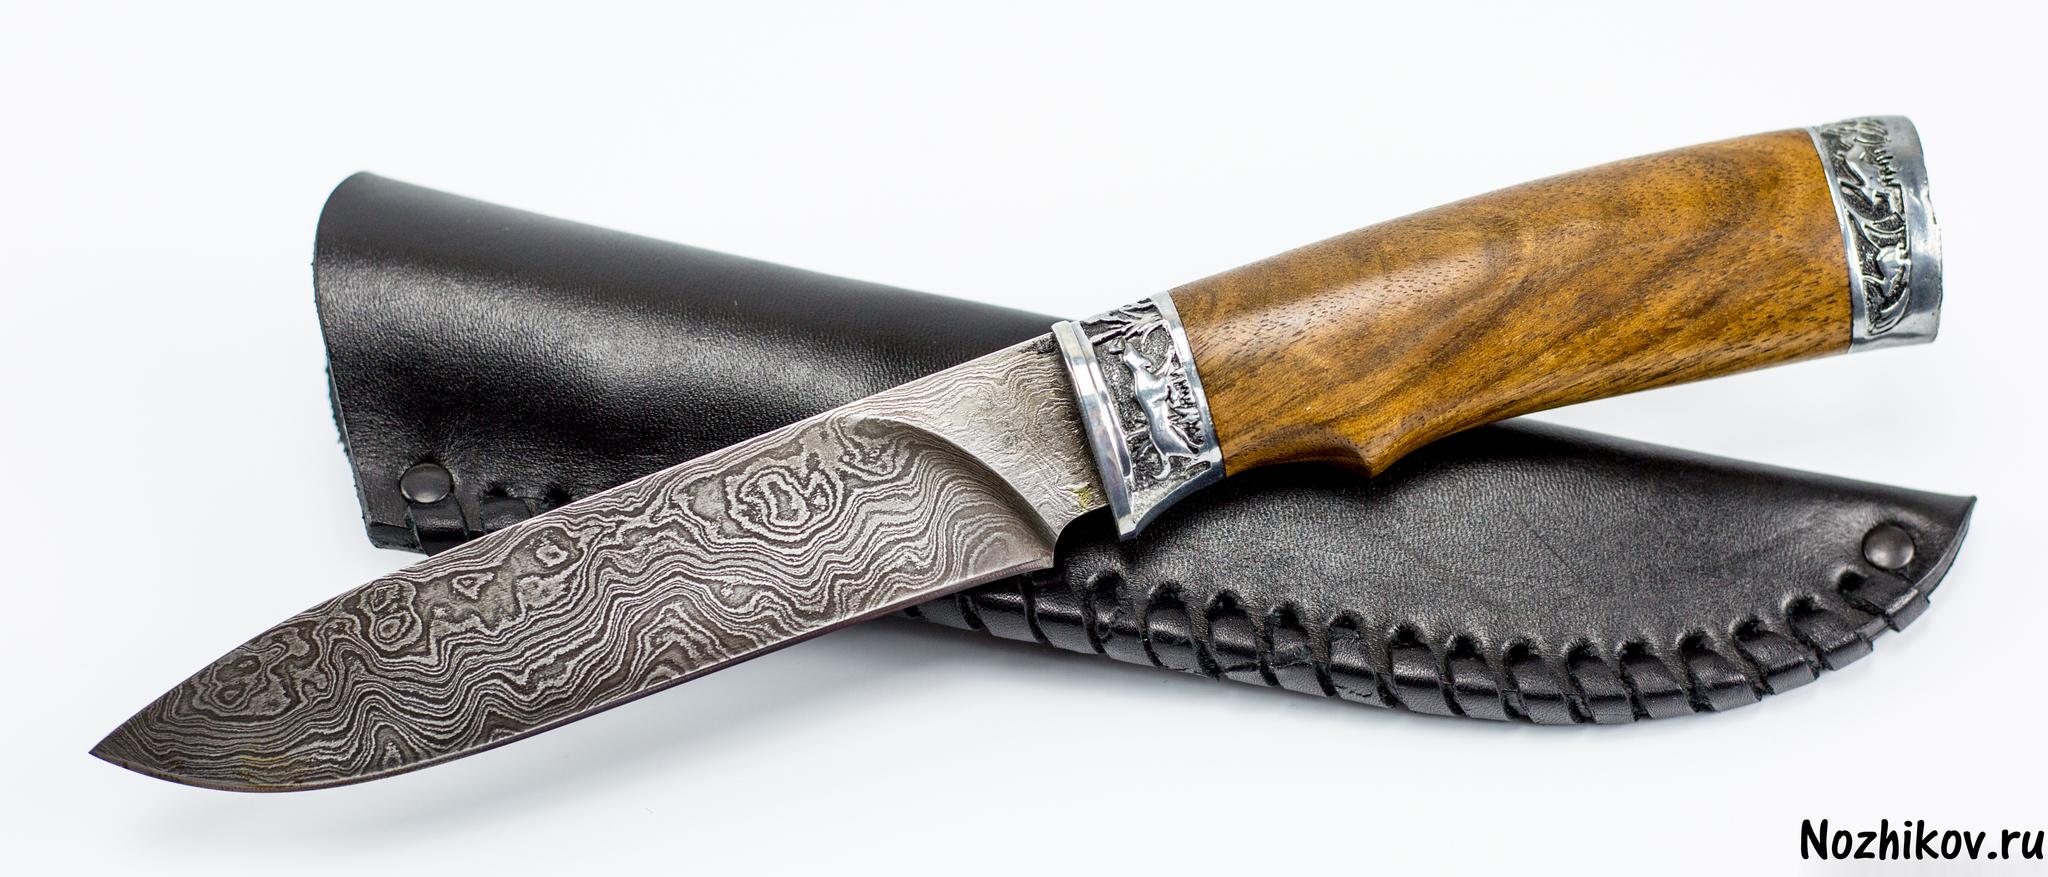 Фото 9 - Авторский Нож из Дамаска №33, Кизляр от Noname